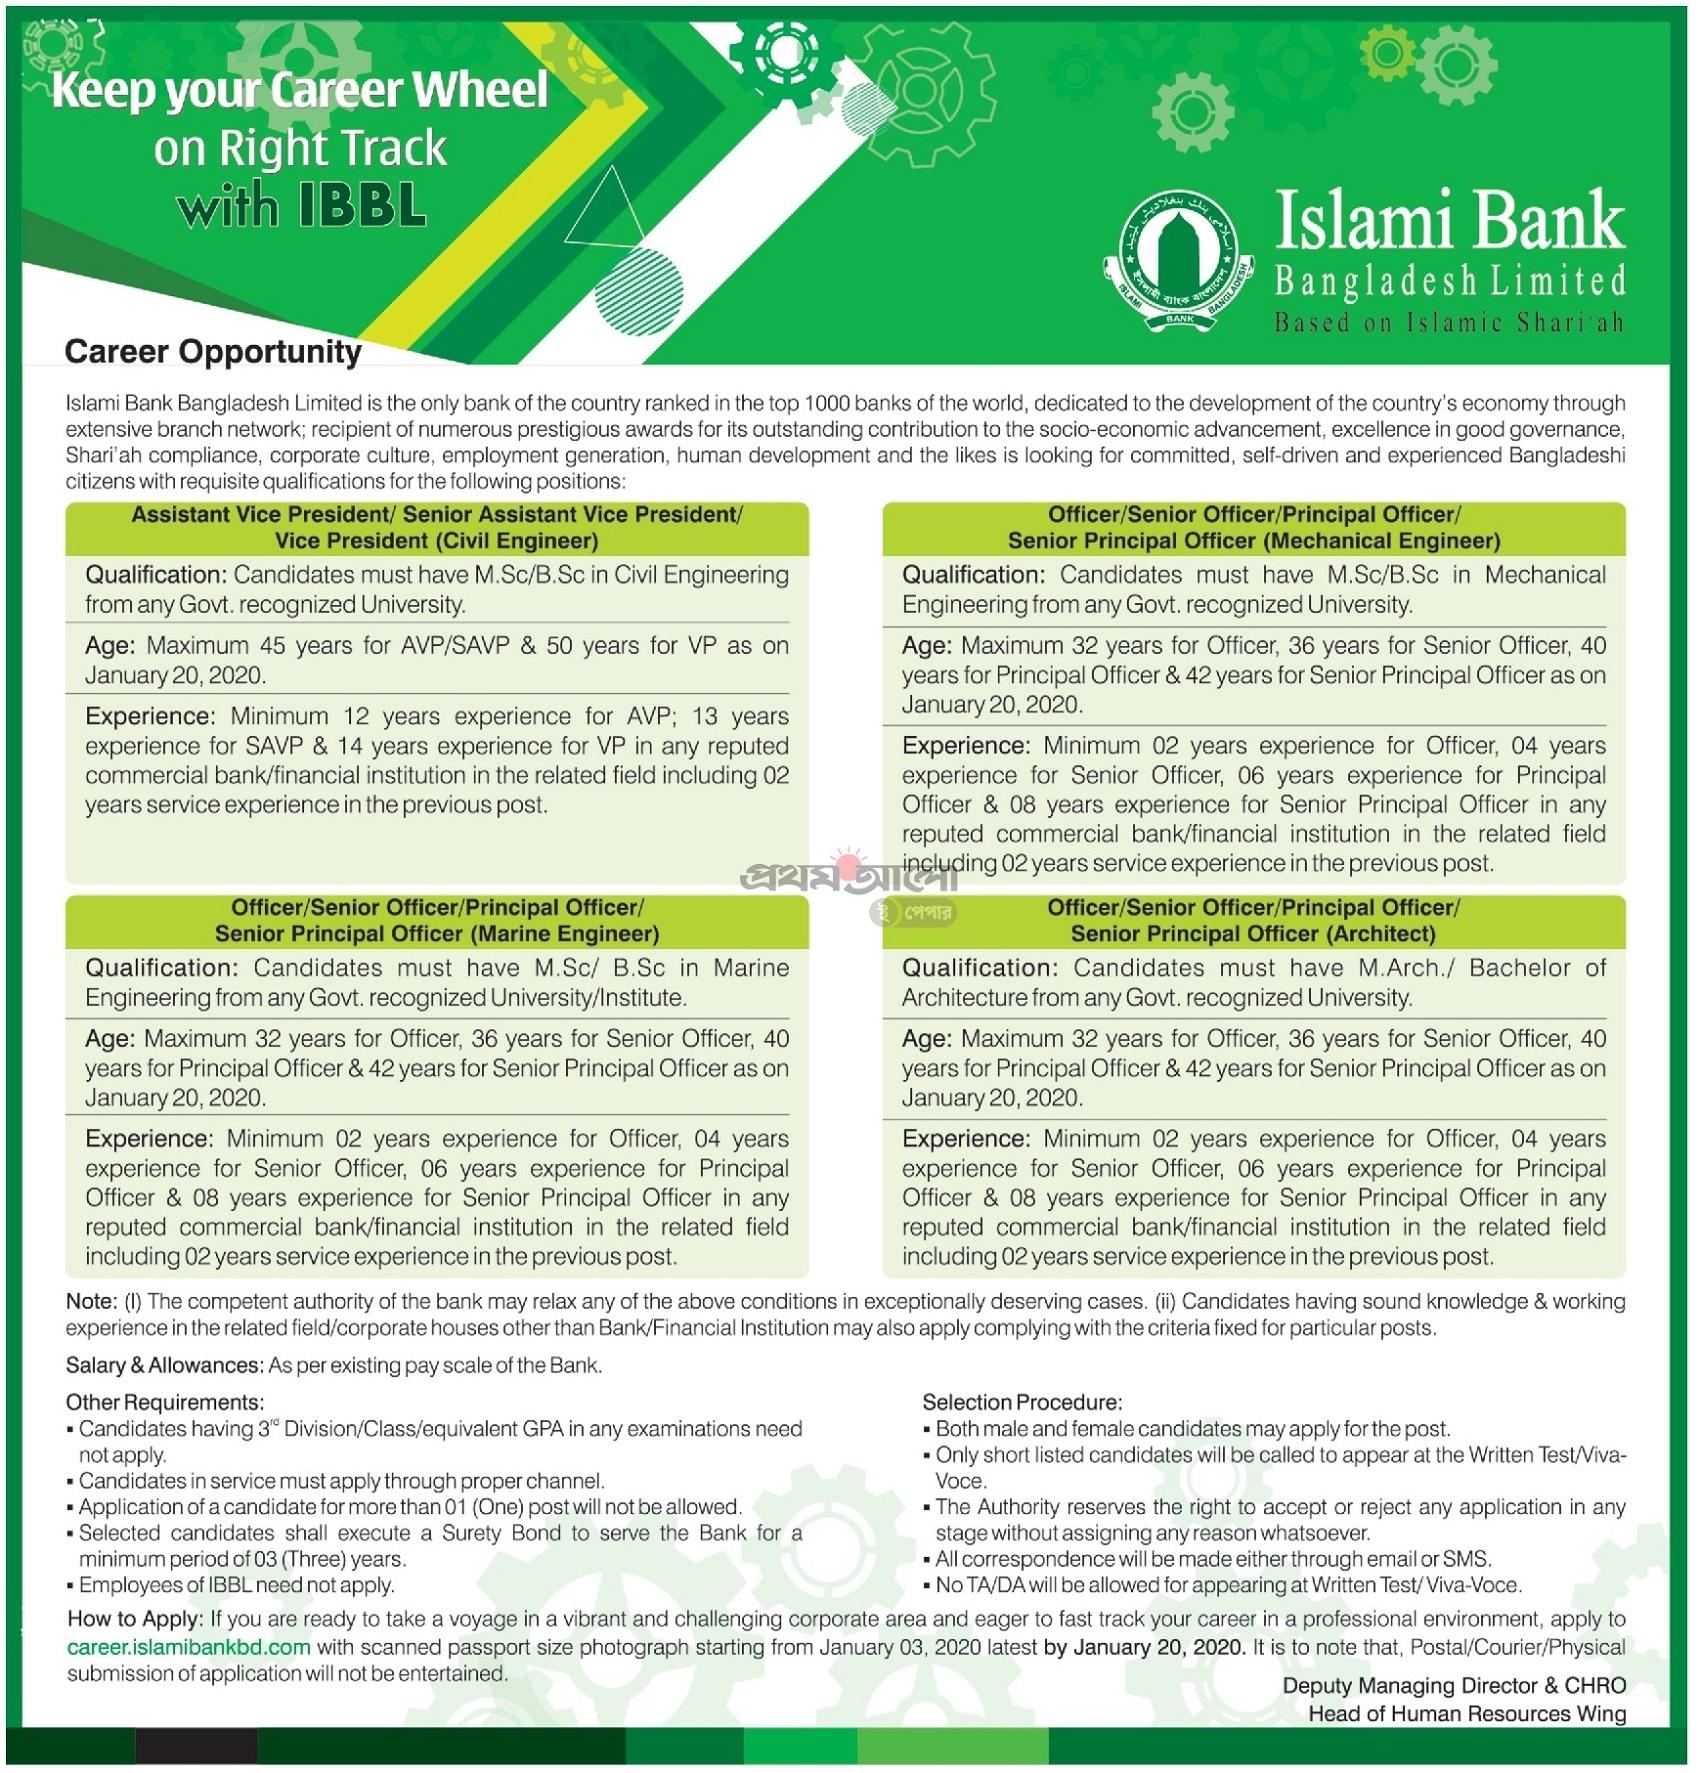 Islami Bank Limited Bangladesh Job Circular 2020